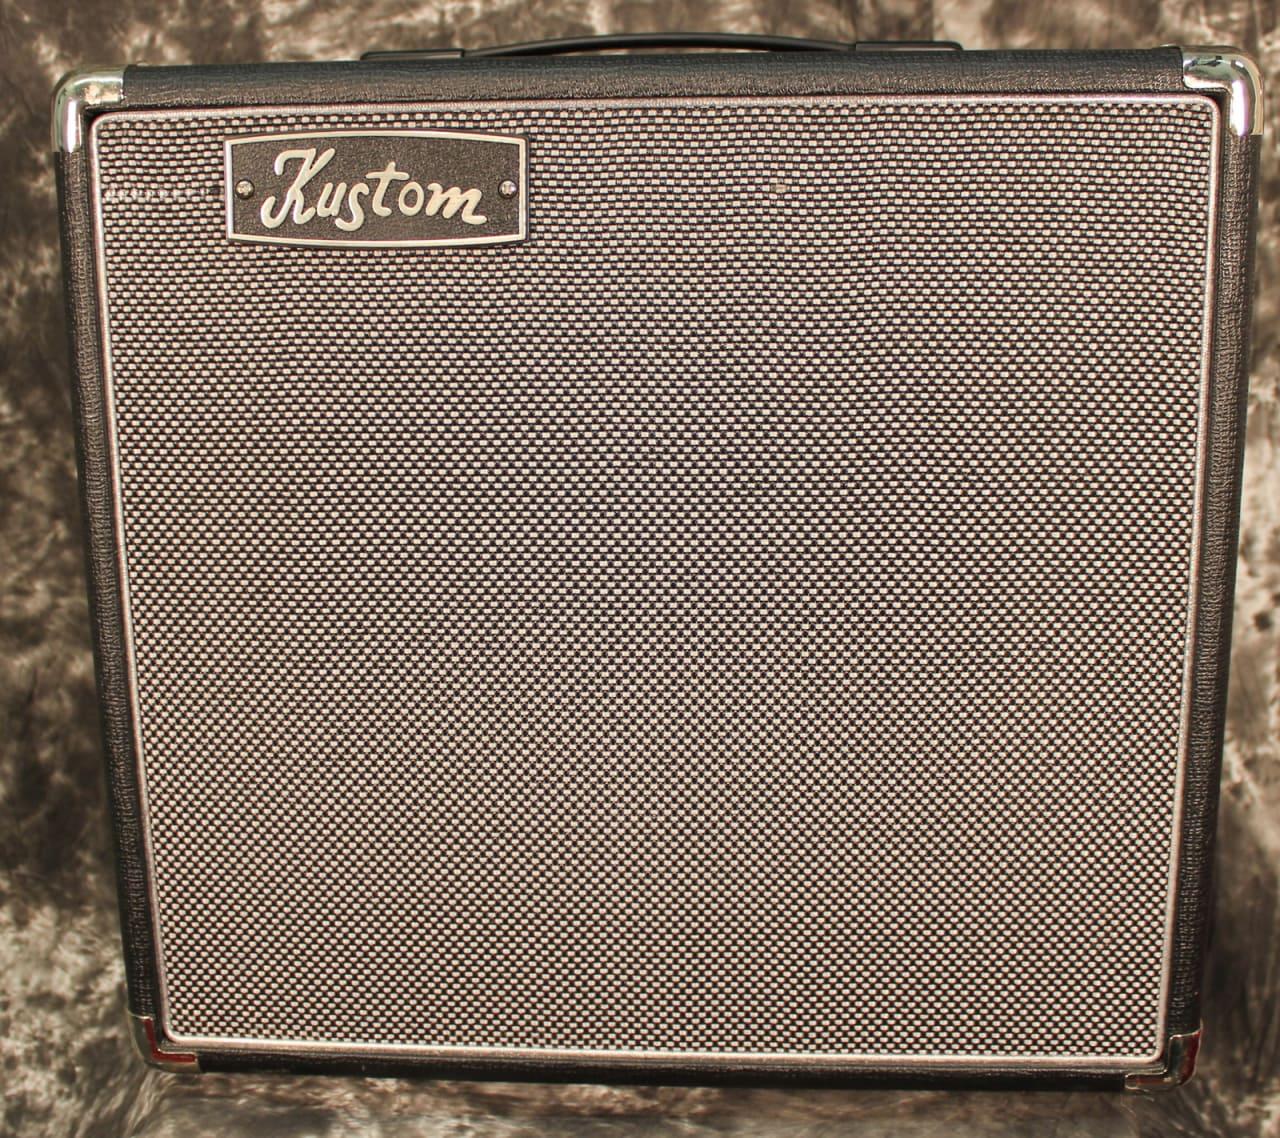 Kustom 1x12 Cabinet Kustom Defender 1x12 Guitar Speaker Cabinet Reverb